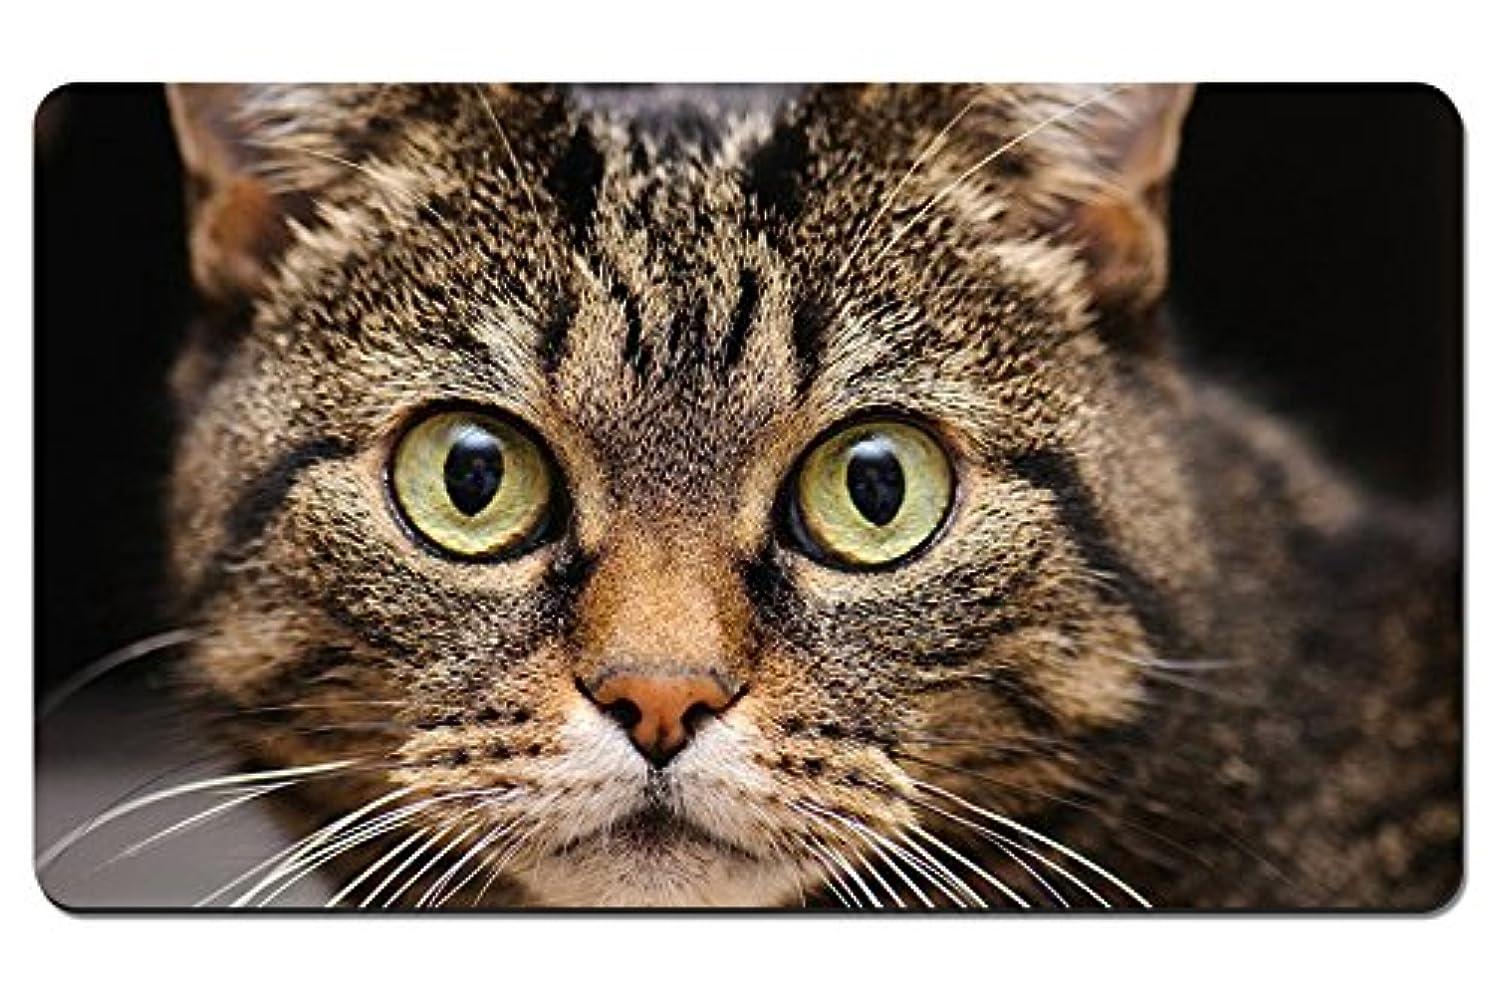 増加する平等ハンドブック猫クローズアップ、顔、目、ウィスカー パターンカスタムの マウスパッド 動物 デスクマット 大 (60cmx35cm)